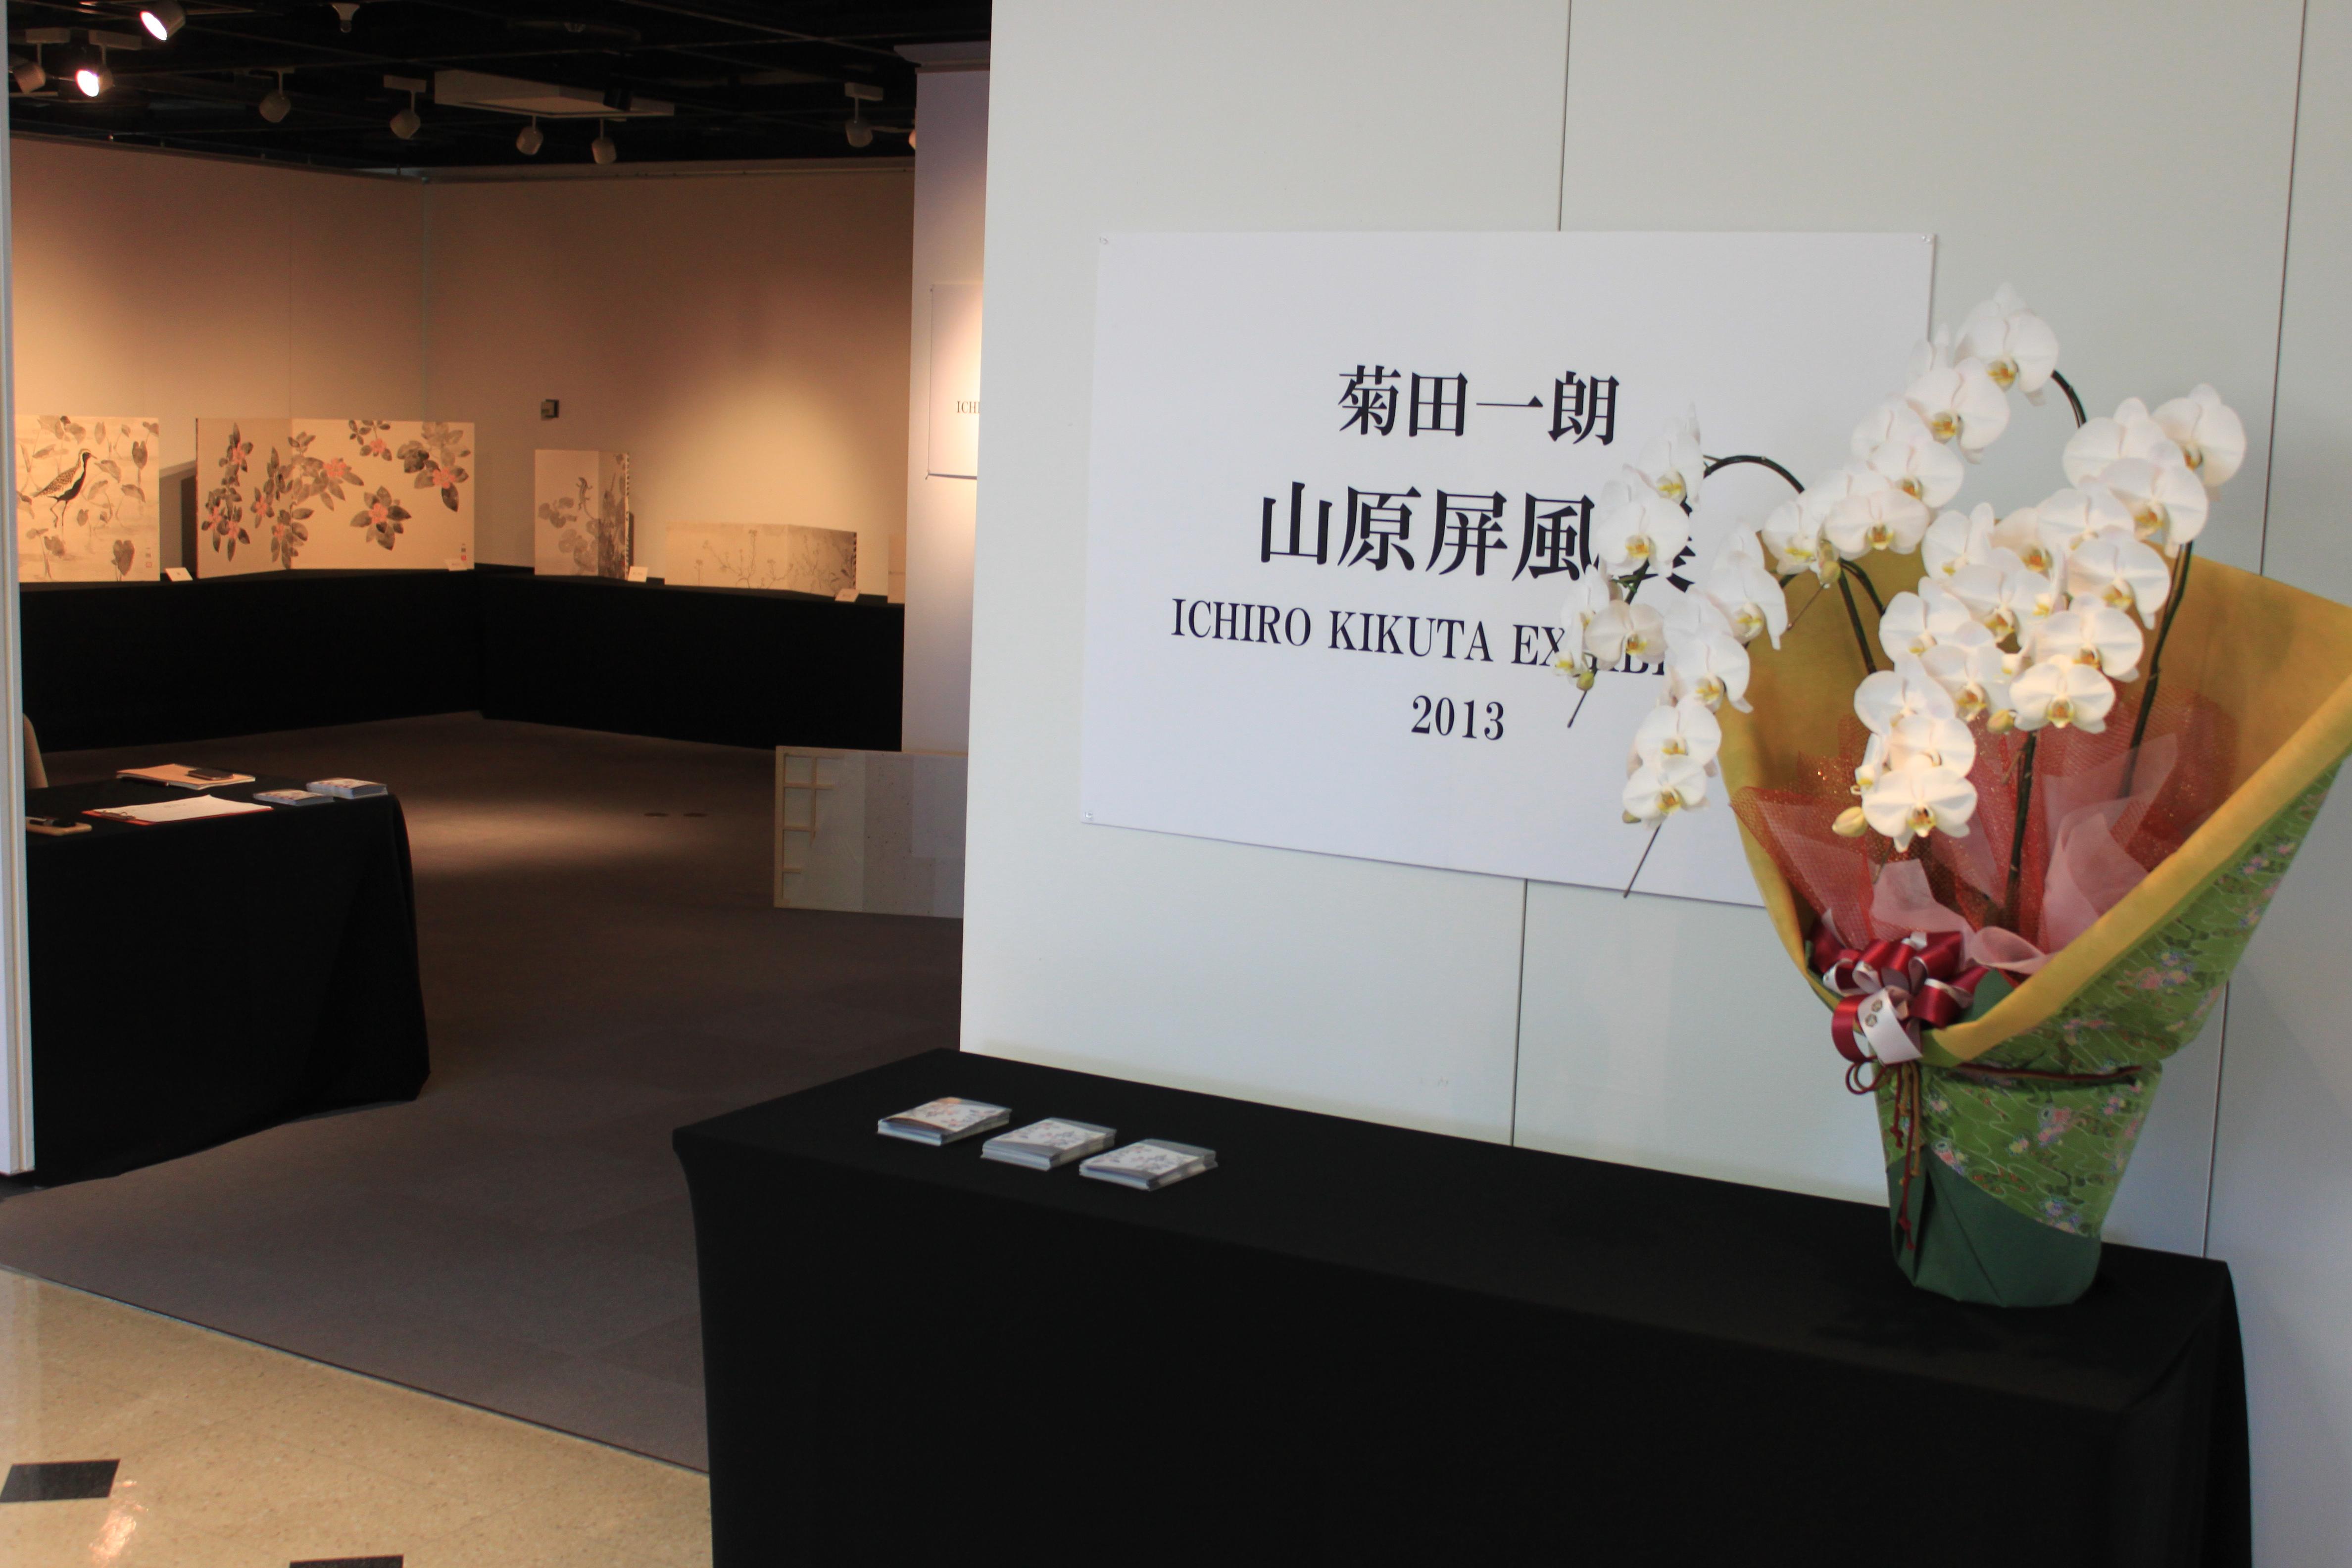 ICHIRO KIKUTA EXHIBITION 2013 at Naha Civic Gallery